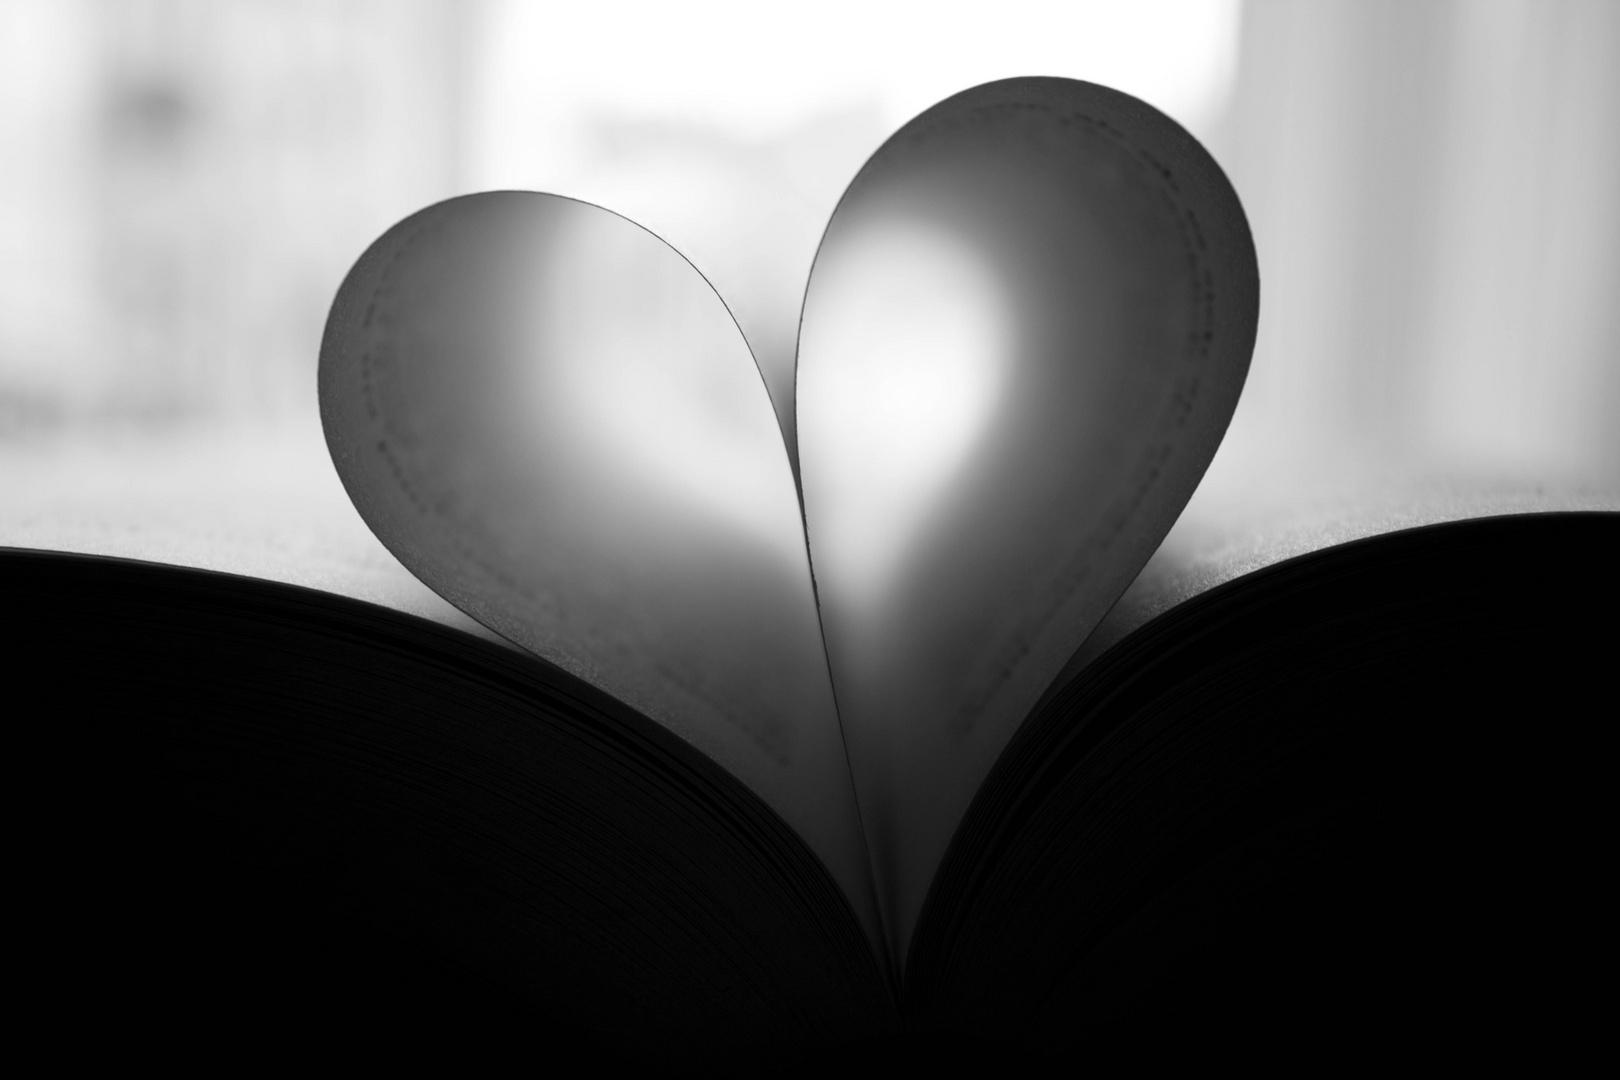 Liebe zu...